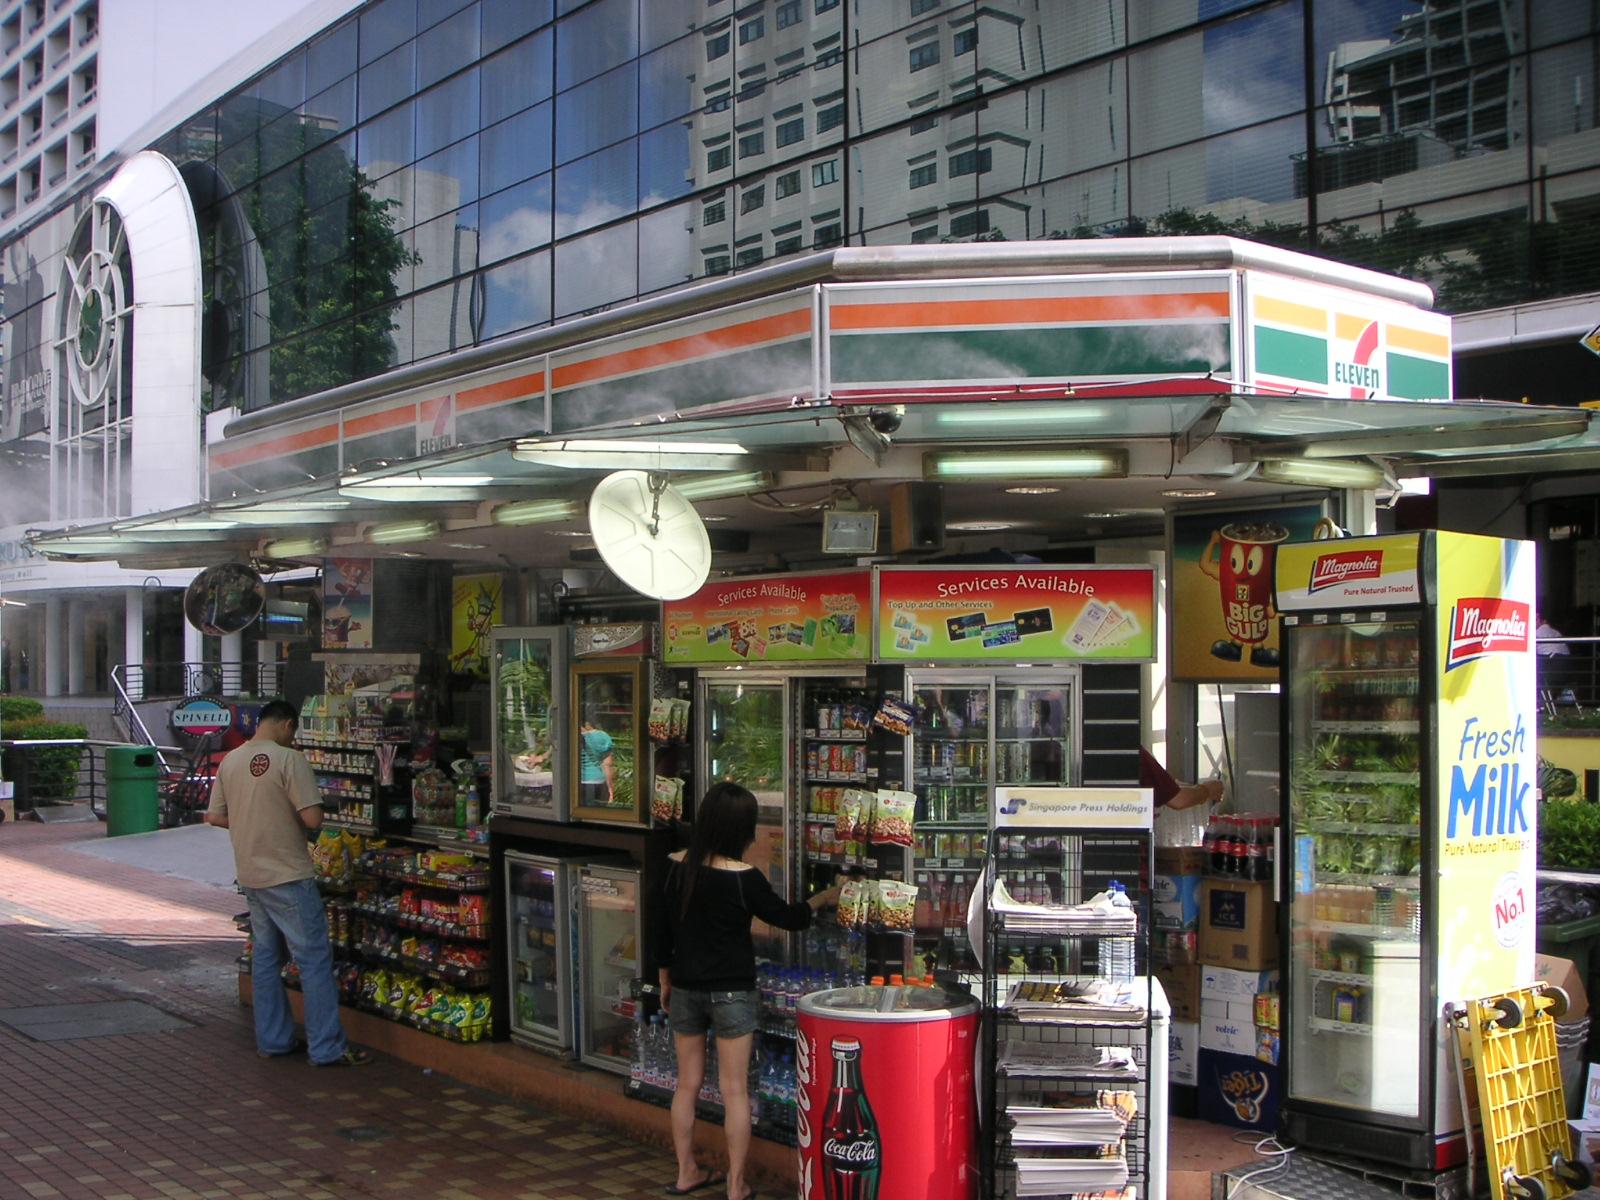 http://livedoor.blogimg.jp/koseki_azusa/imgs/0/f/0f170a38.JPG